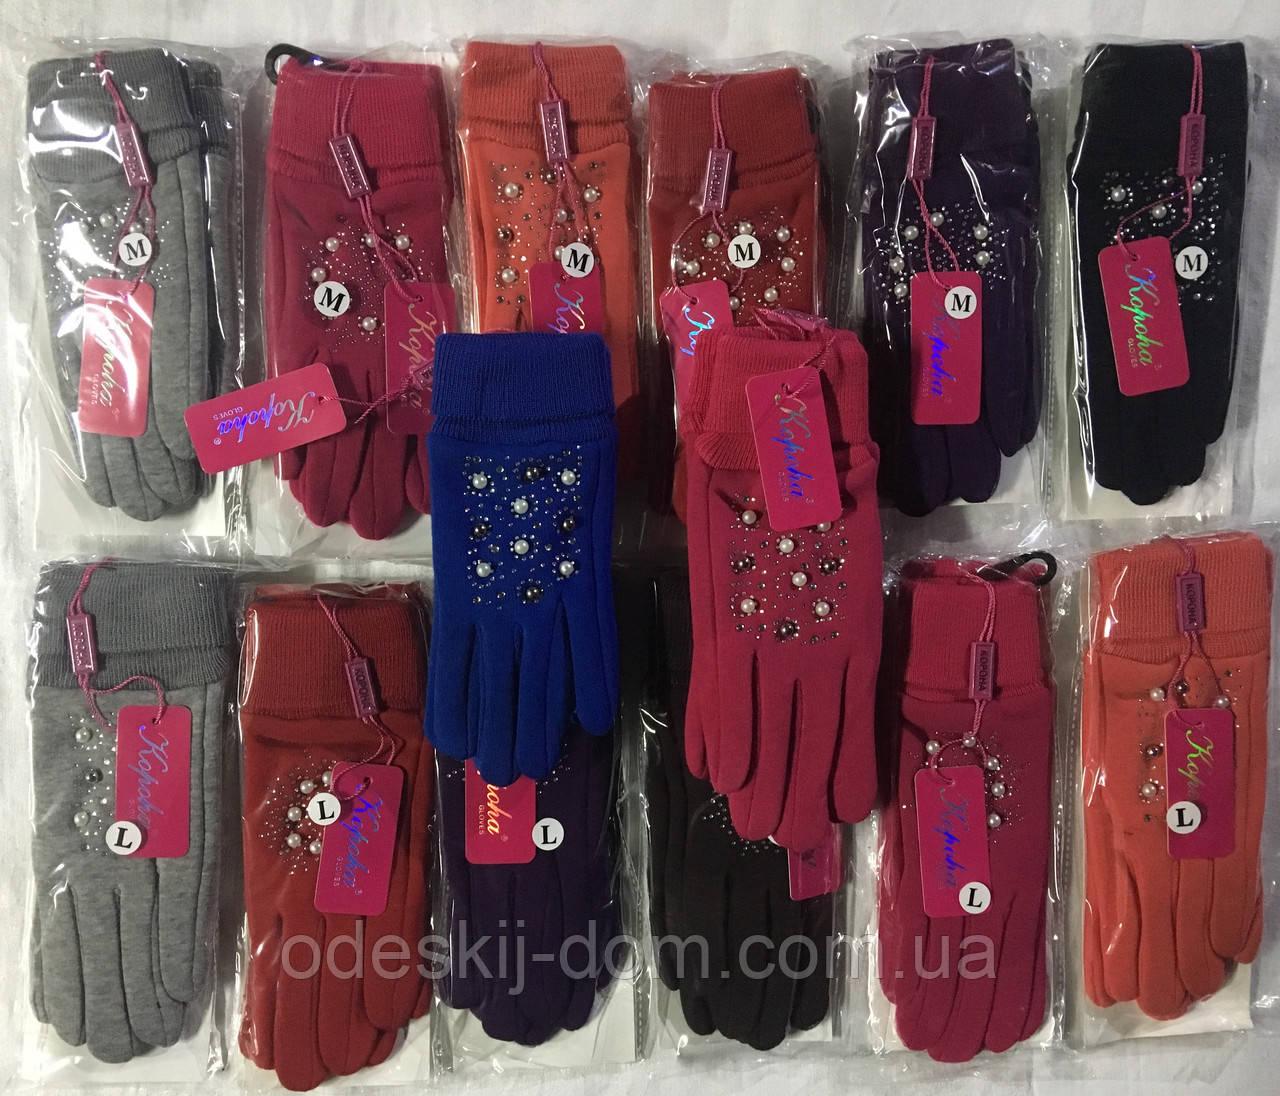 Женская нарядная перчатка с мехом р М-L ™Корона